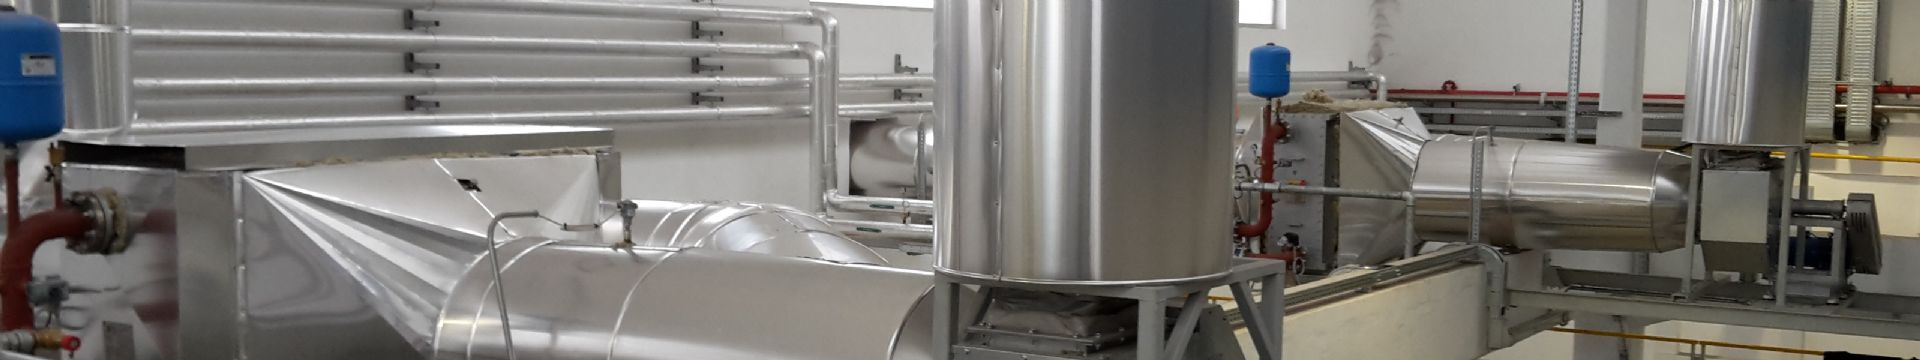 Riscaldamento e raffrescamento a costo zero in vetreria